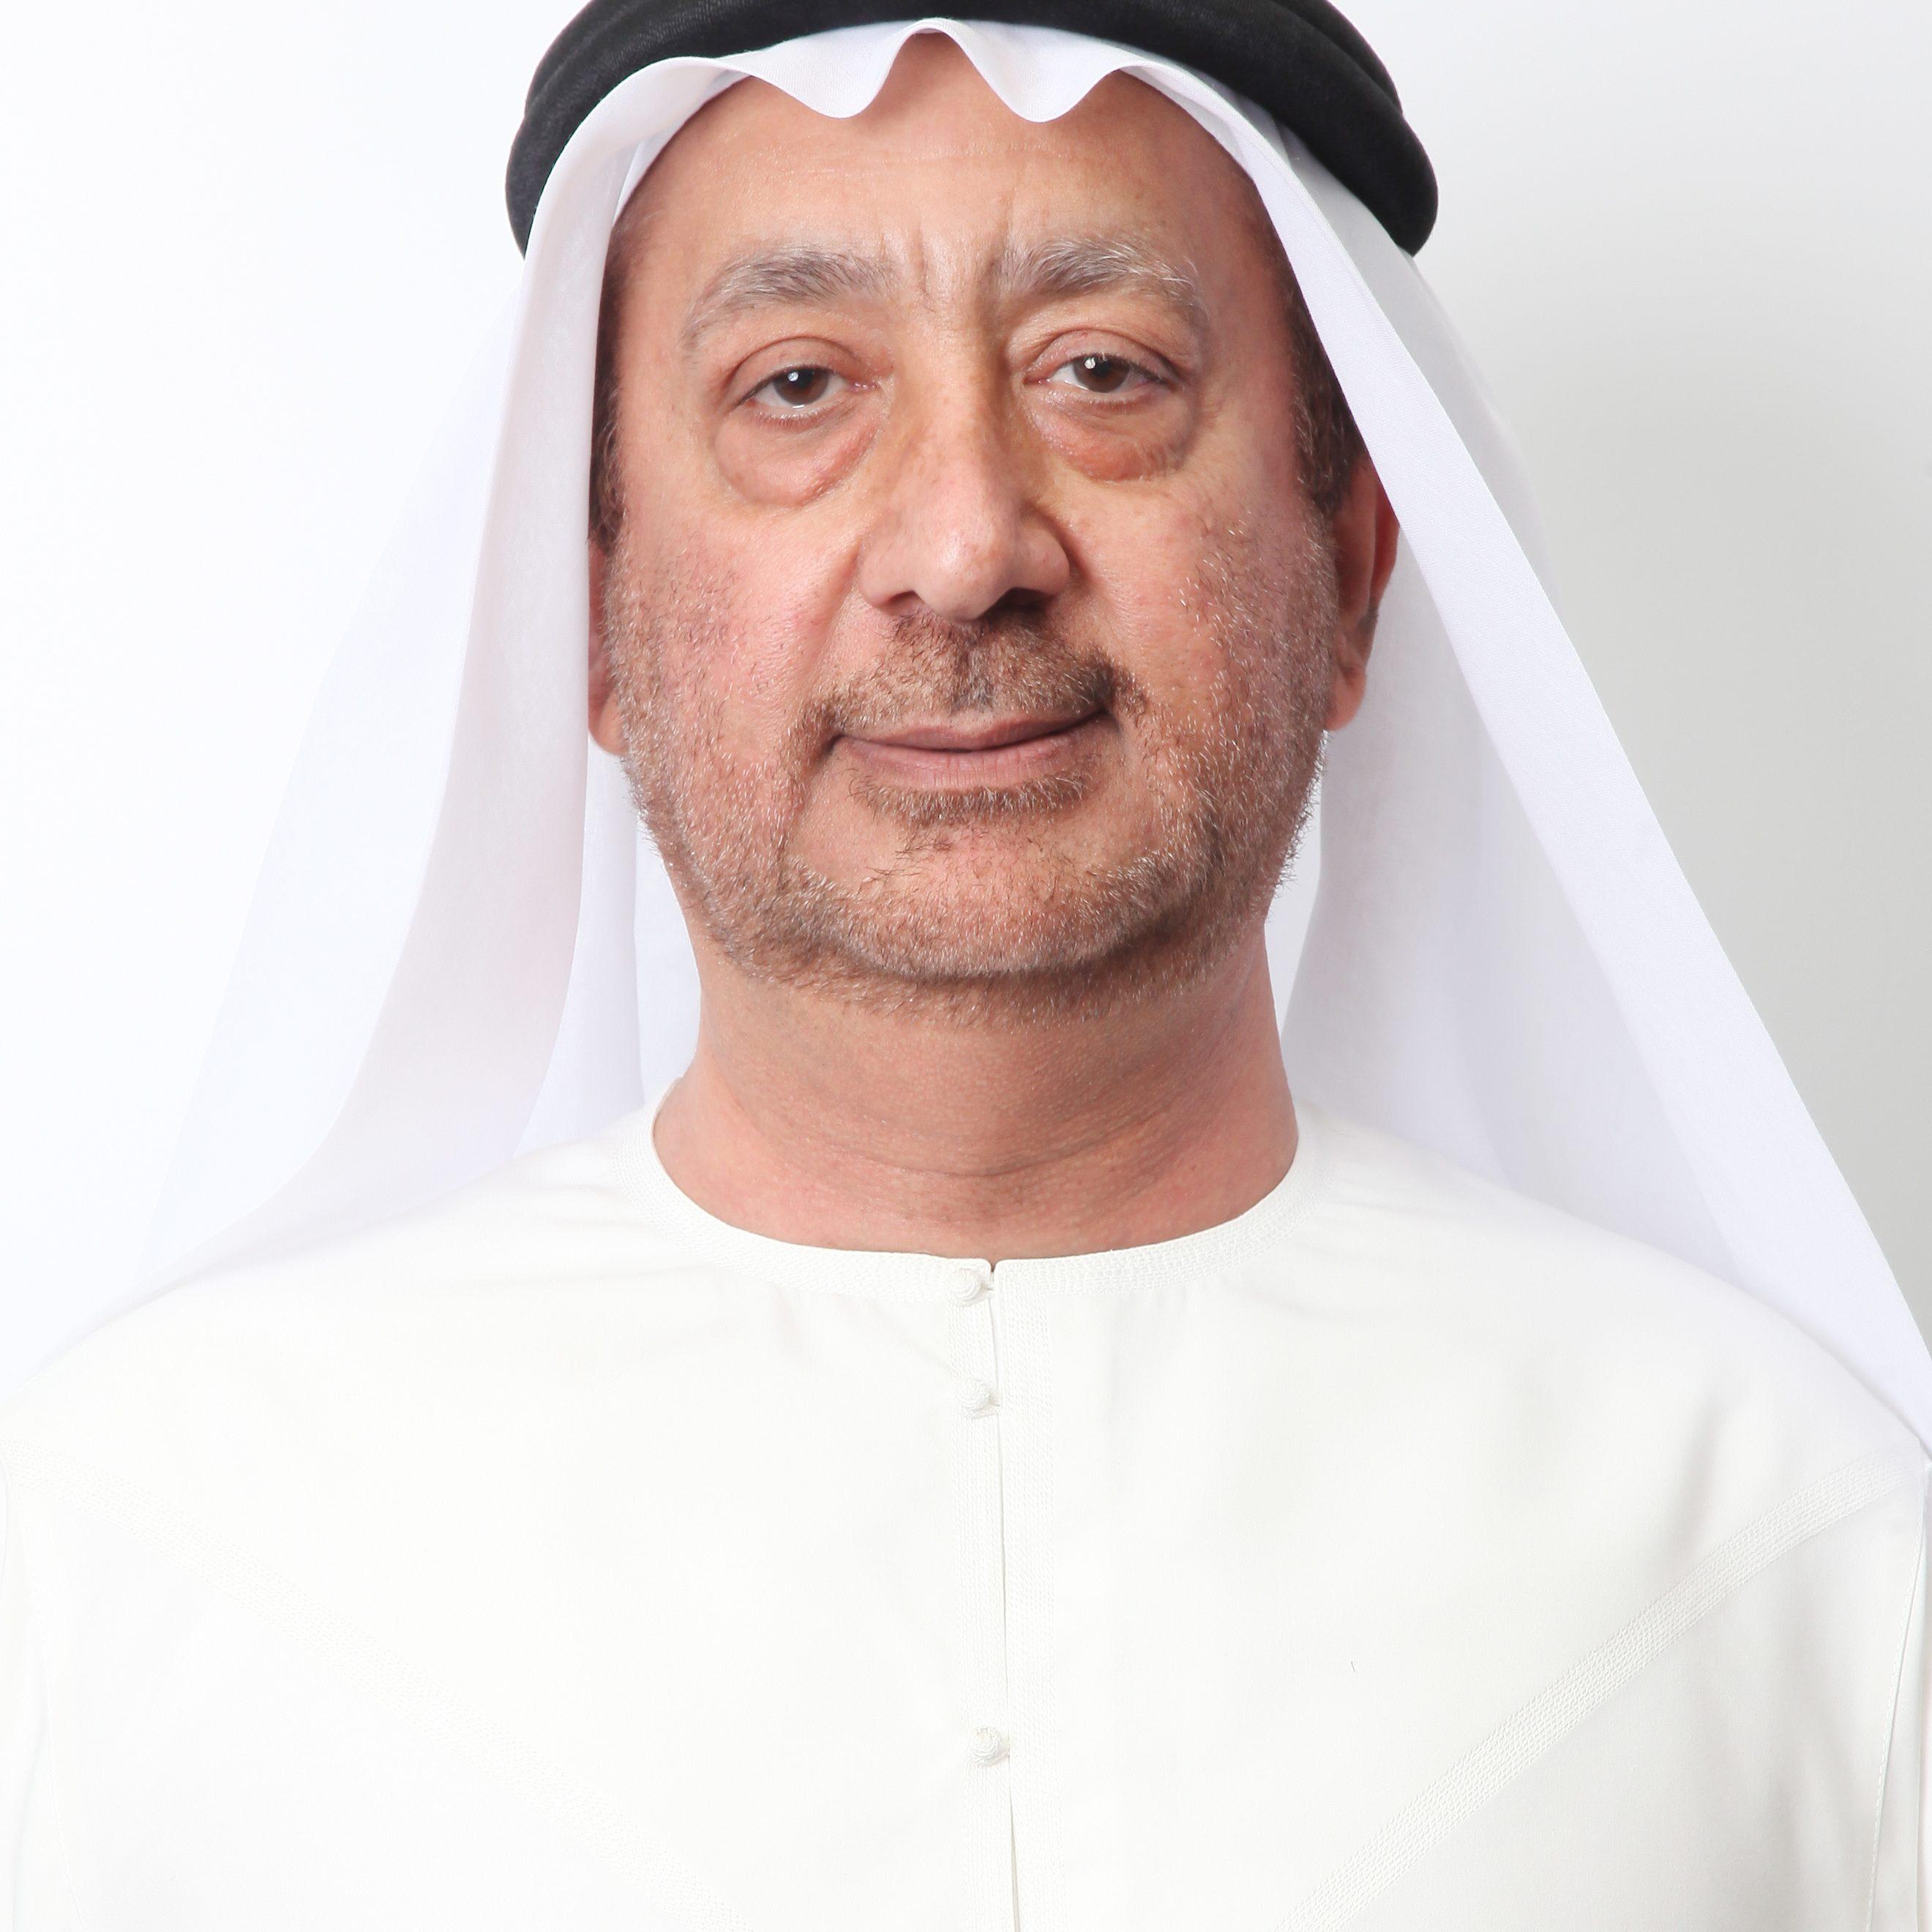 Mohamed Abdulla Al Azdi